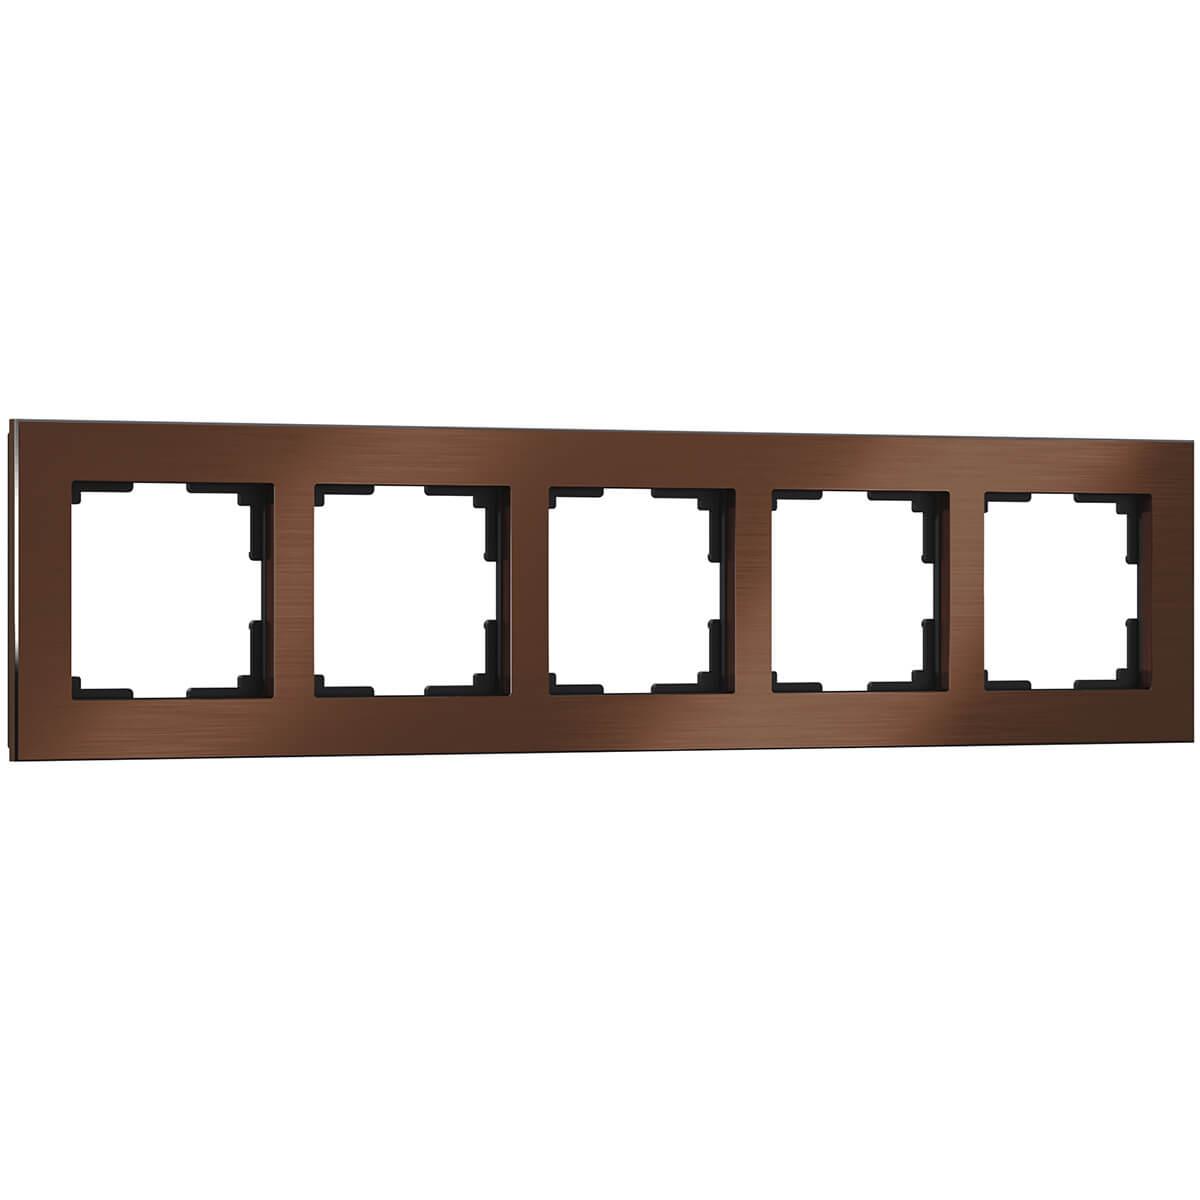 Рамка Aluminium на 5 постов алюминий коричневый WL11-Frame-05 4690389073724 цена и фото